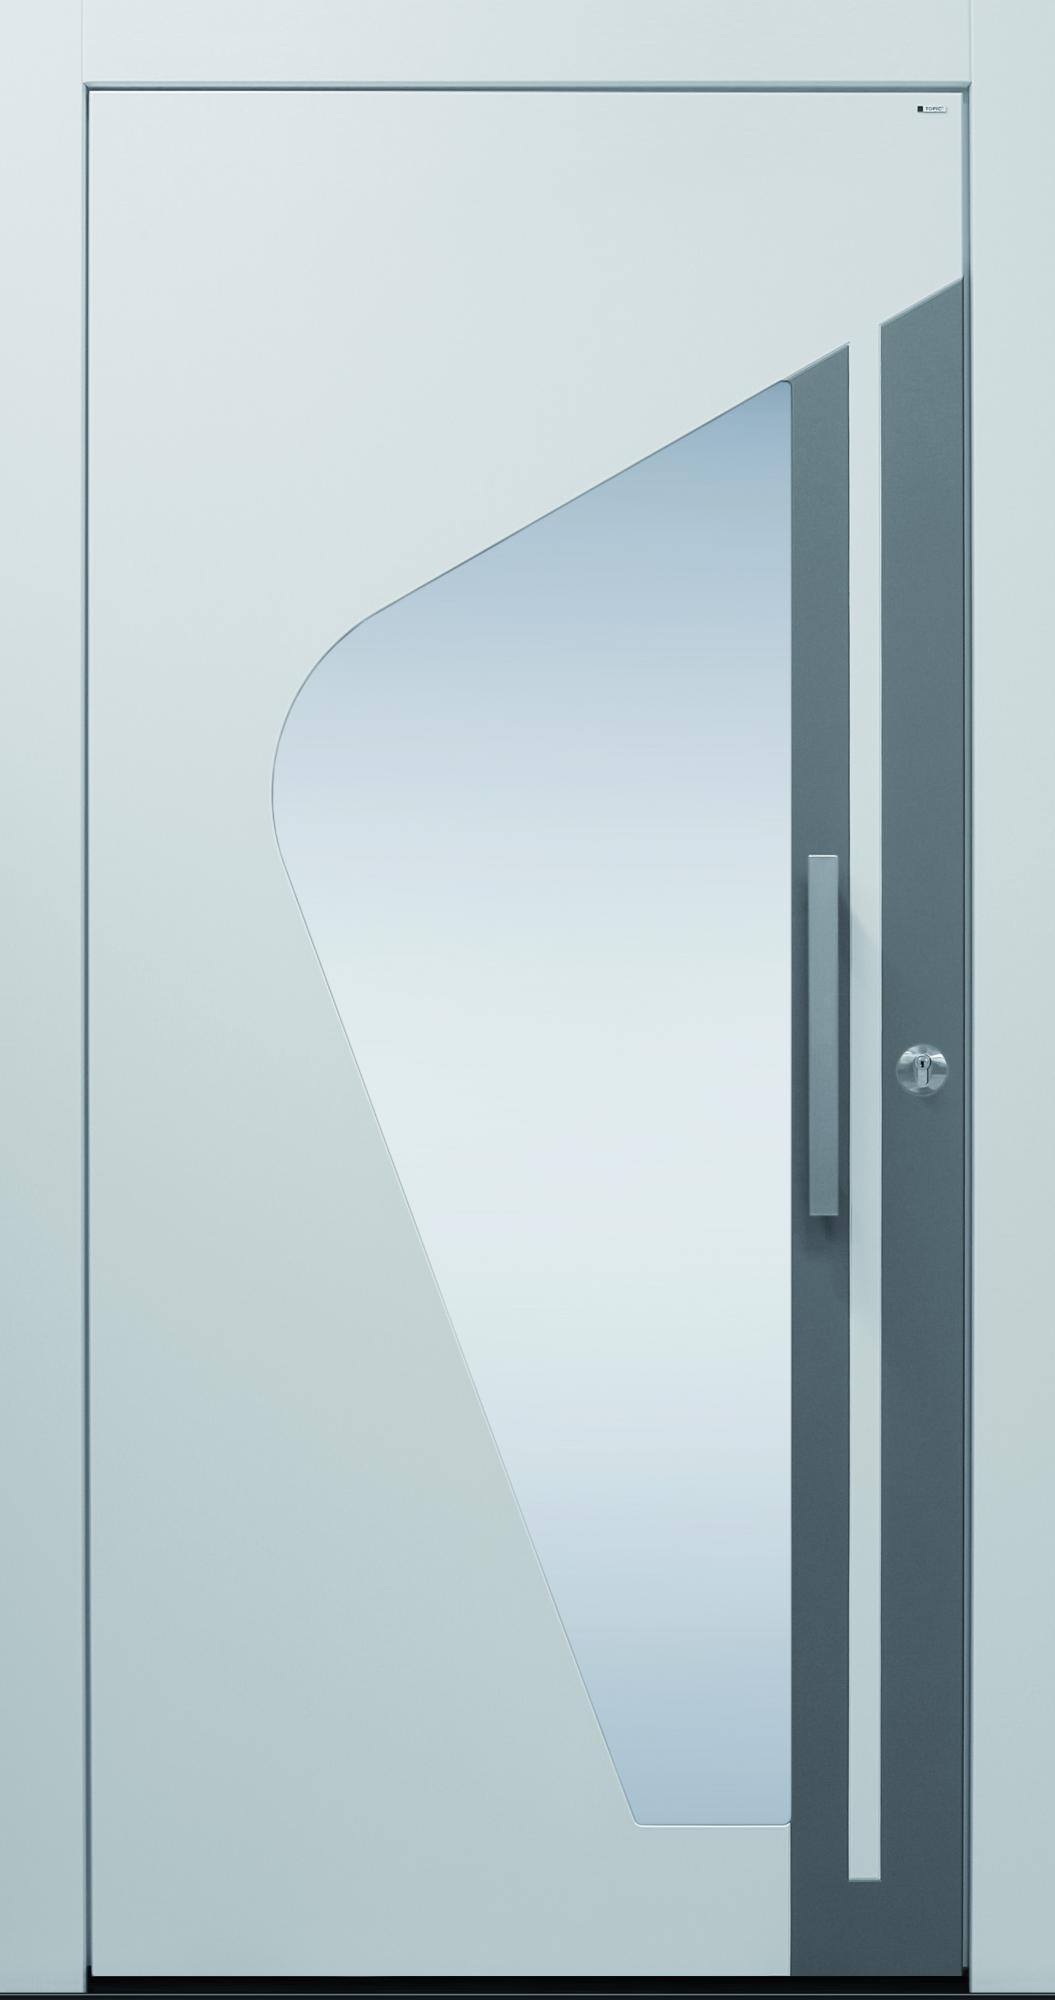 Haustür modern grau  TOPIC - Haustüren von Meisterhand TOPIC Haustüren u. Wohnungstüren ...